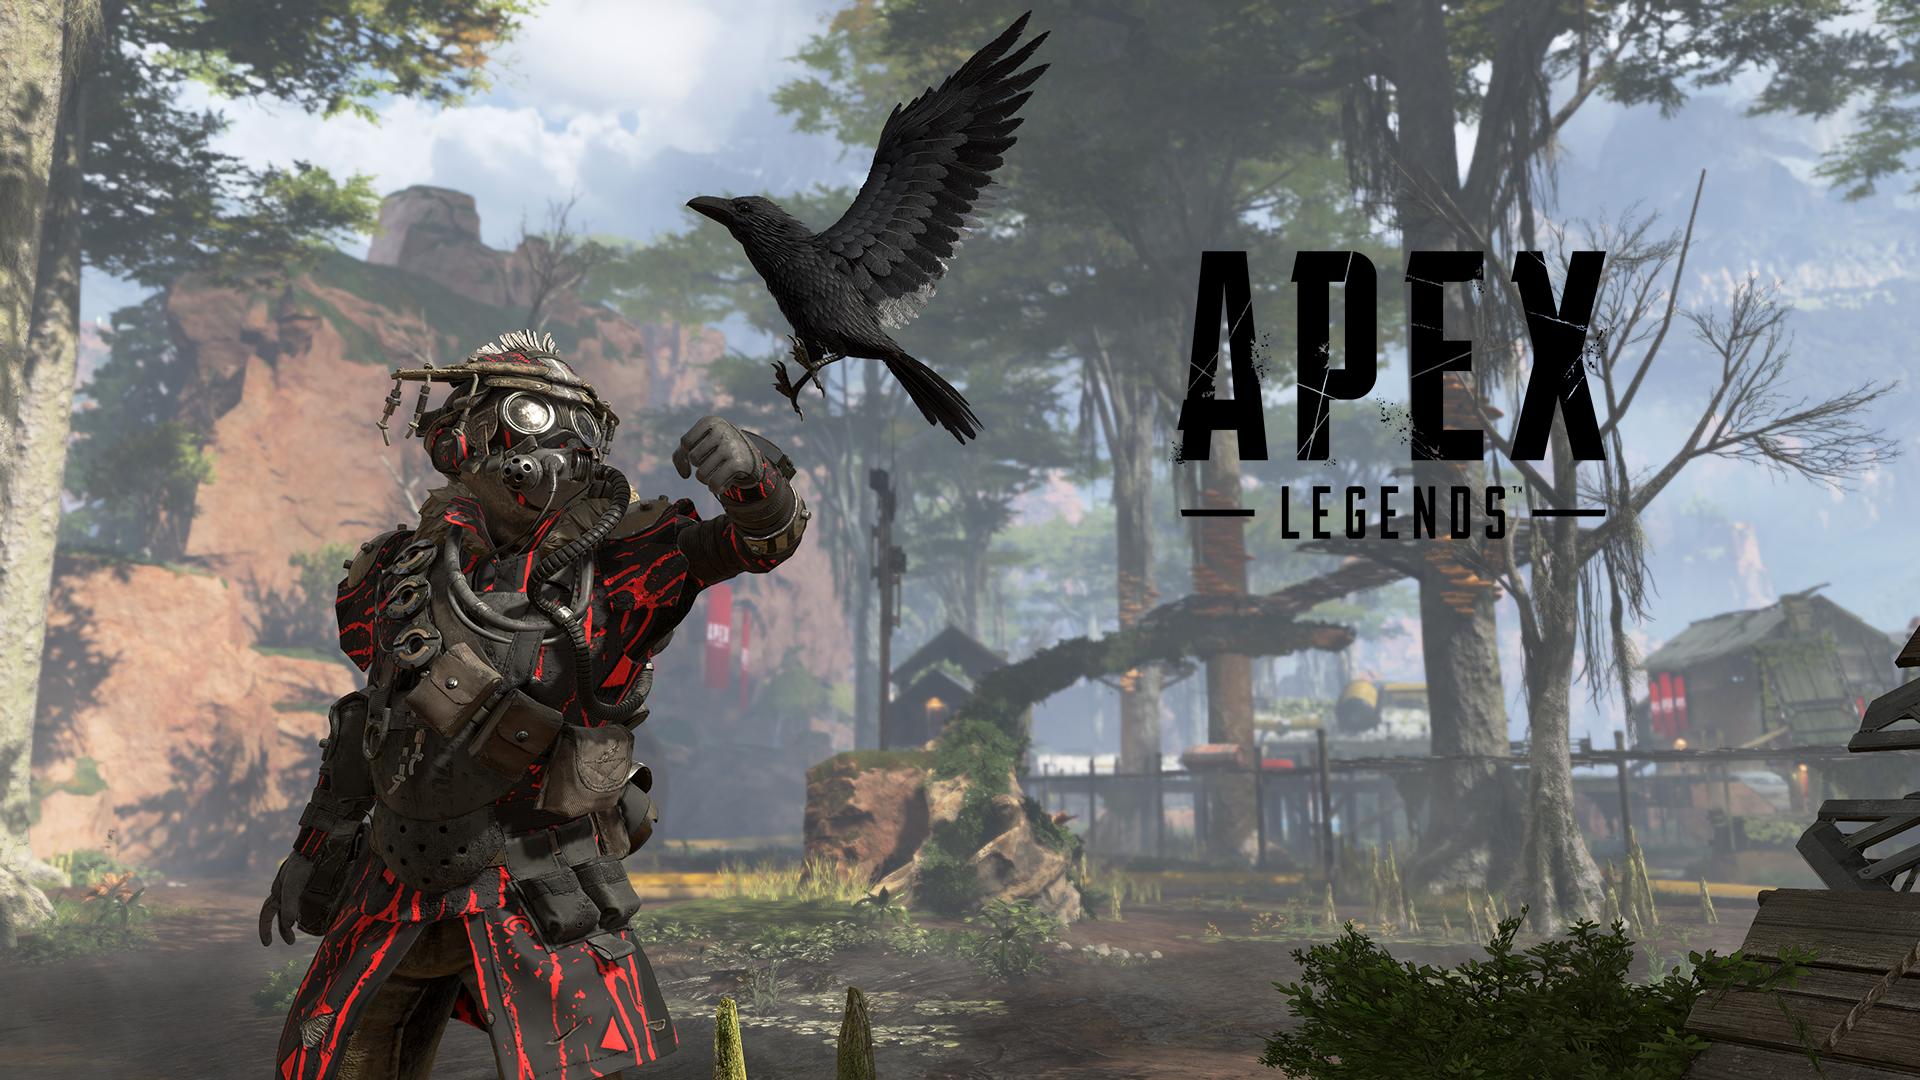 Зрители Twitch провели 36 млн часов на стримах по Apex Legends за неделю